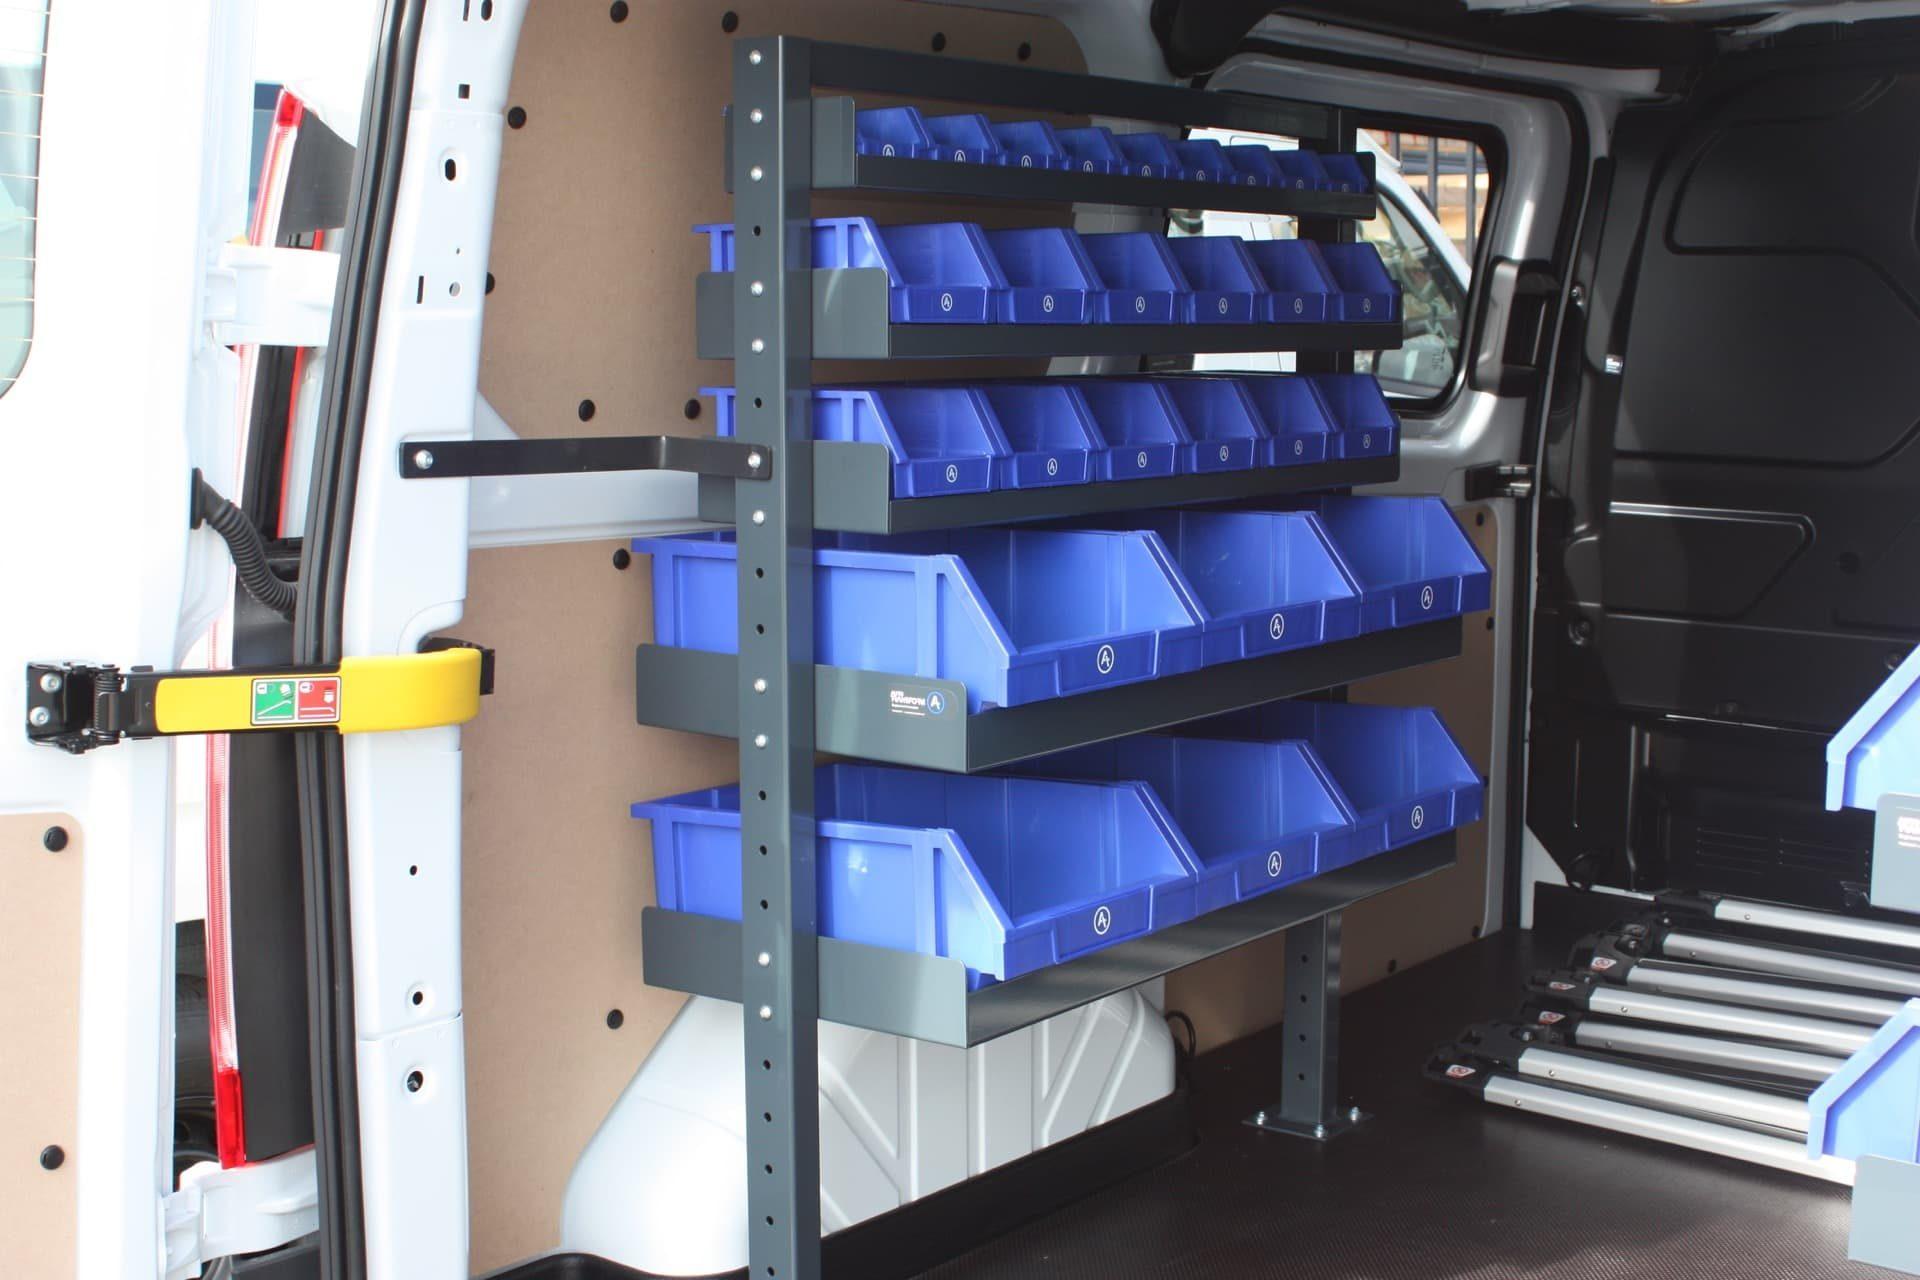 Tool drawer rack in van